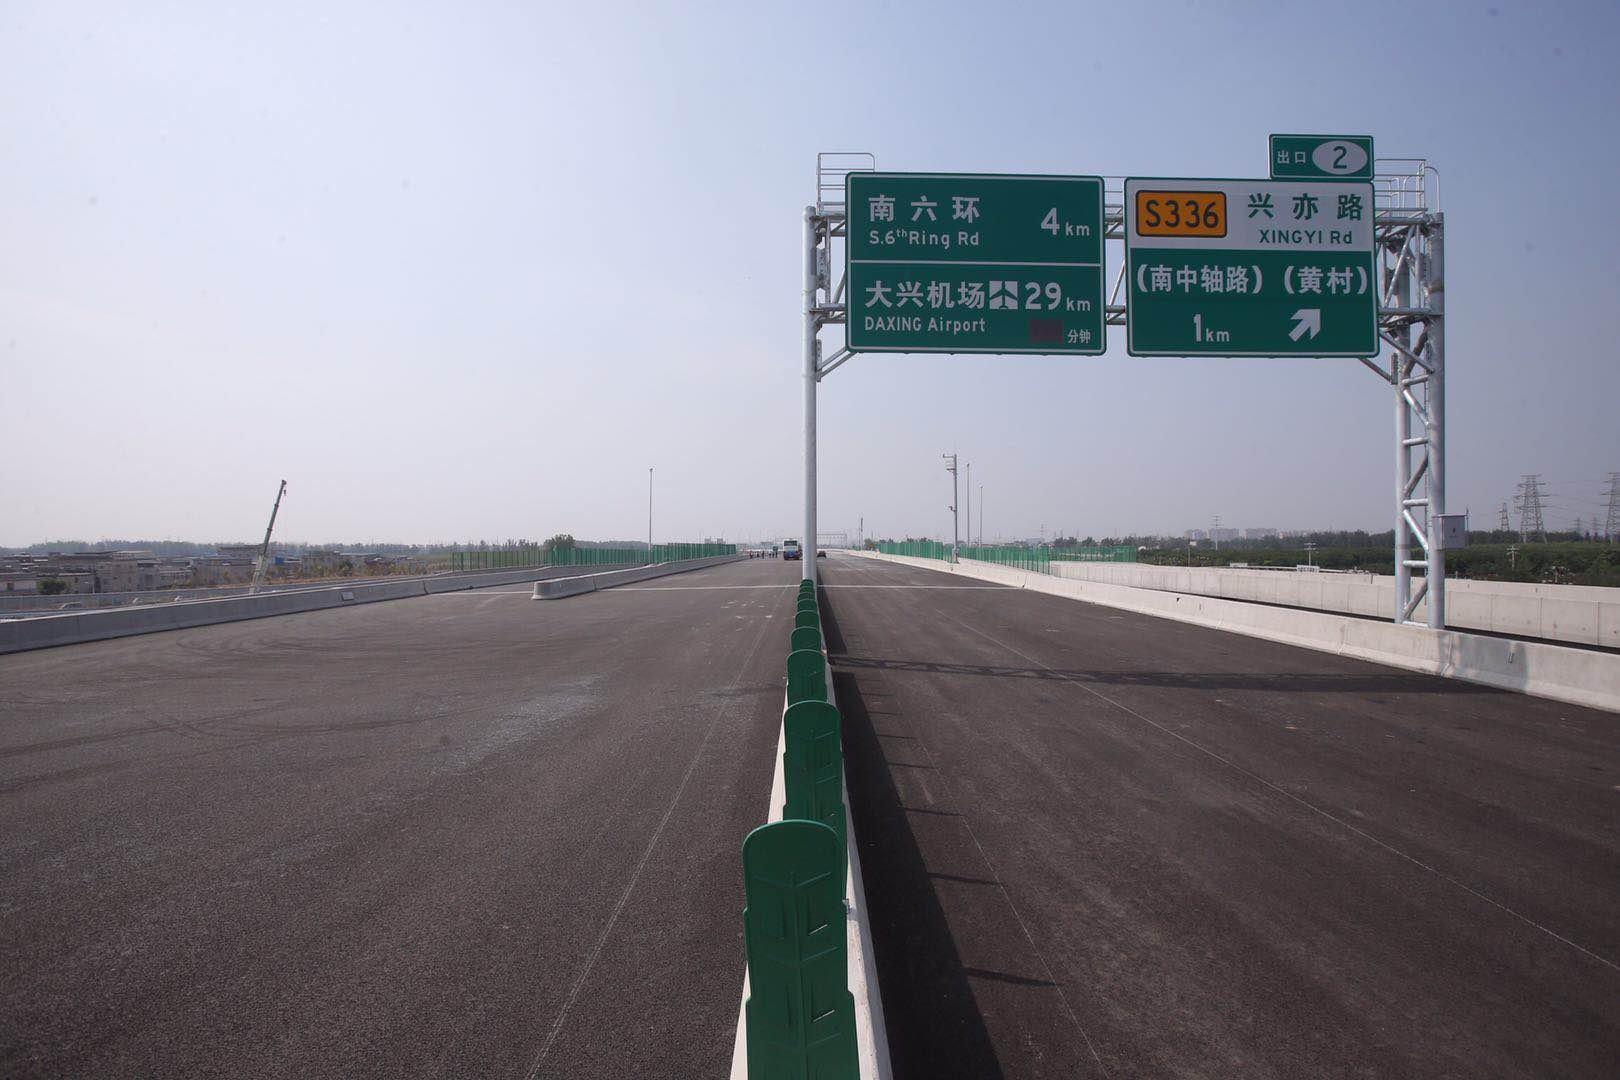 京津冀首条智慧高速公路:防冰融雪、ETC全覆盖